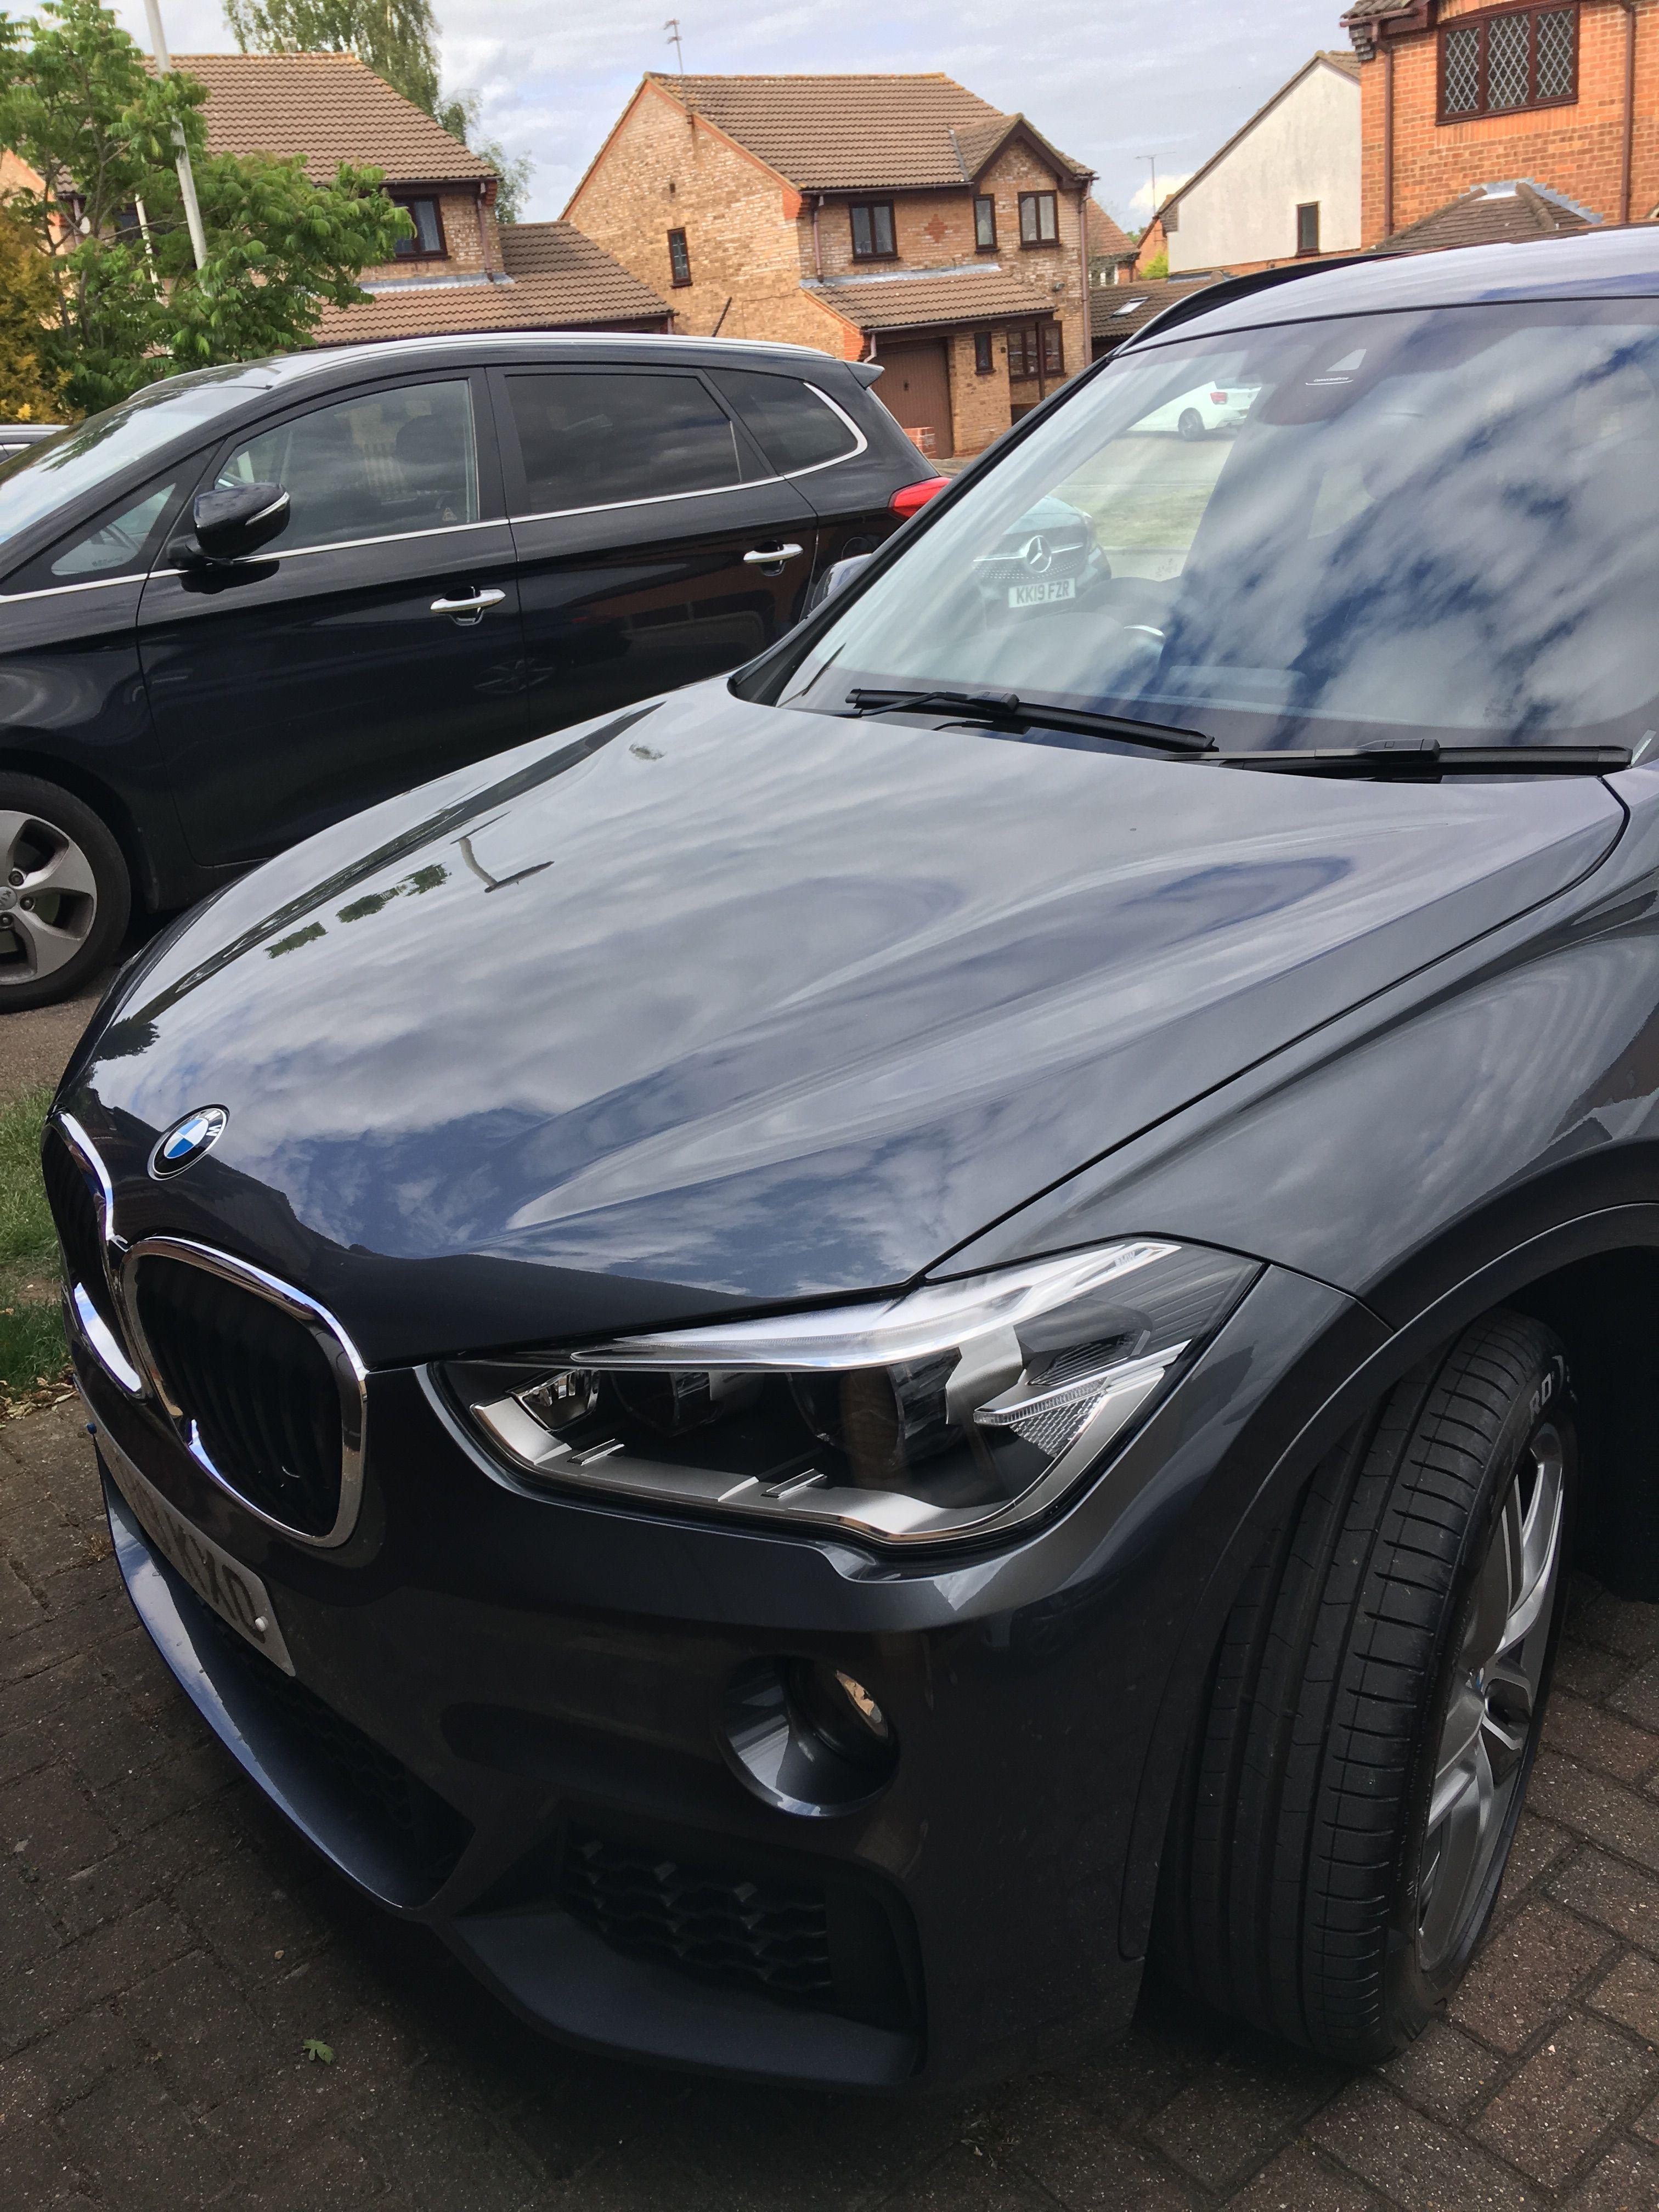 Bmw X1 Bmw Car Lease Car